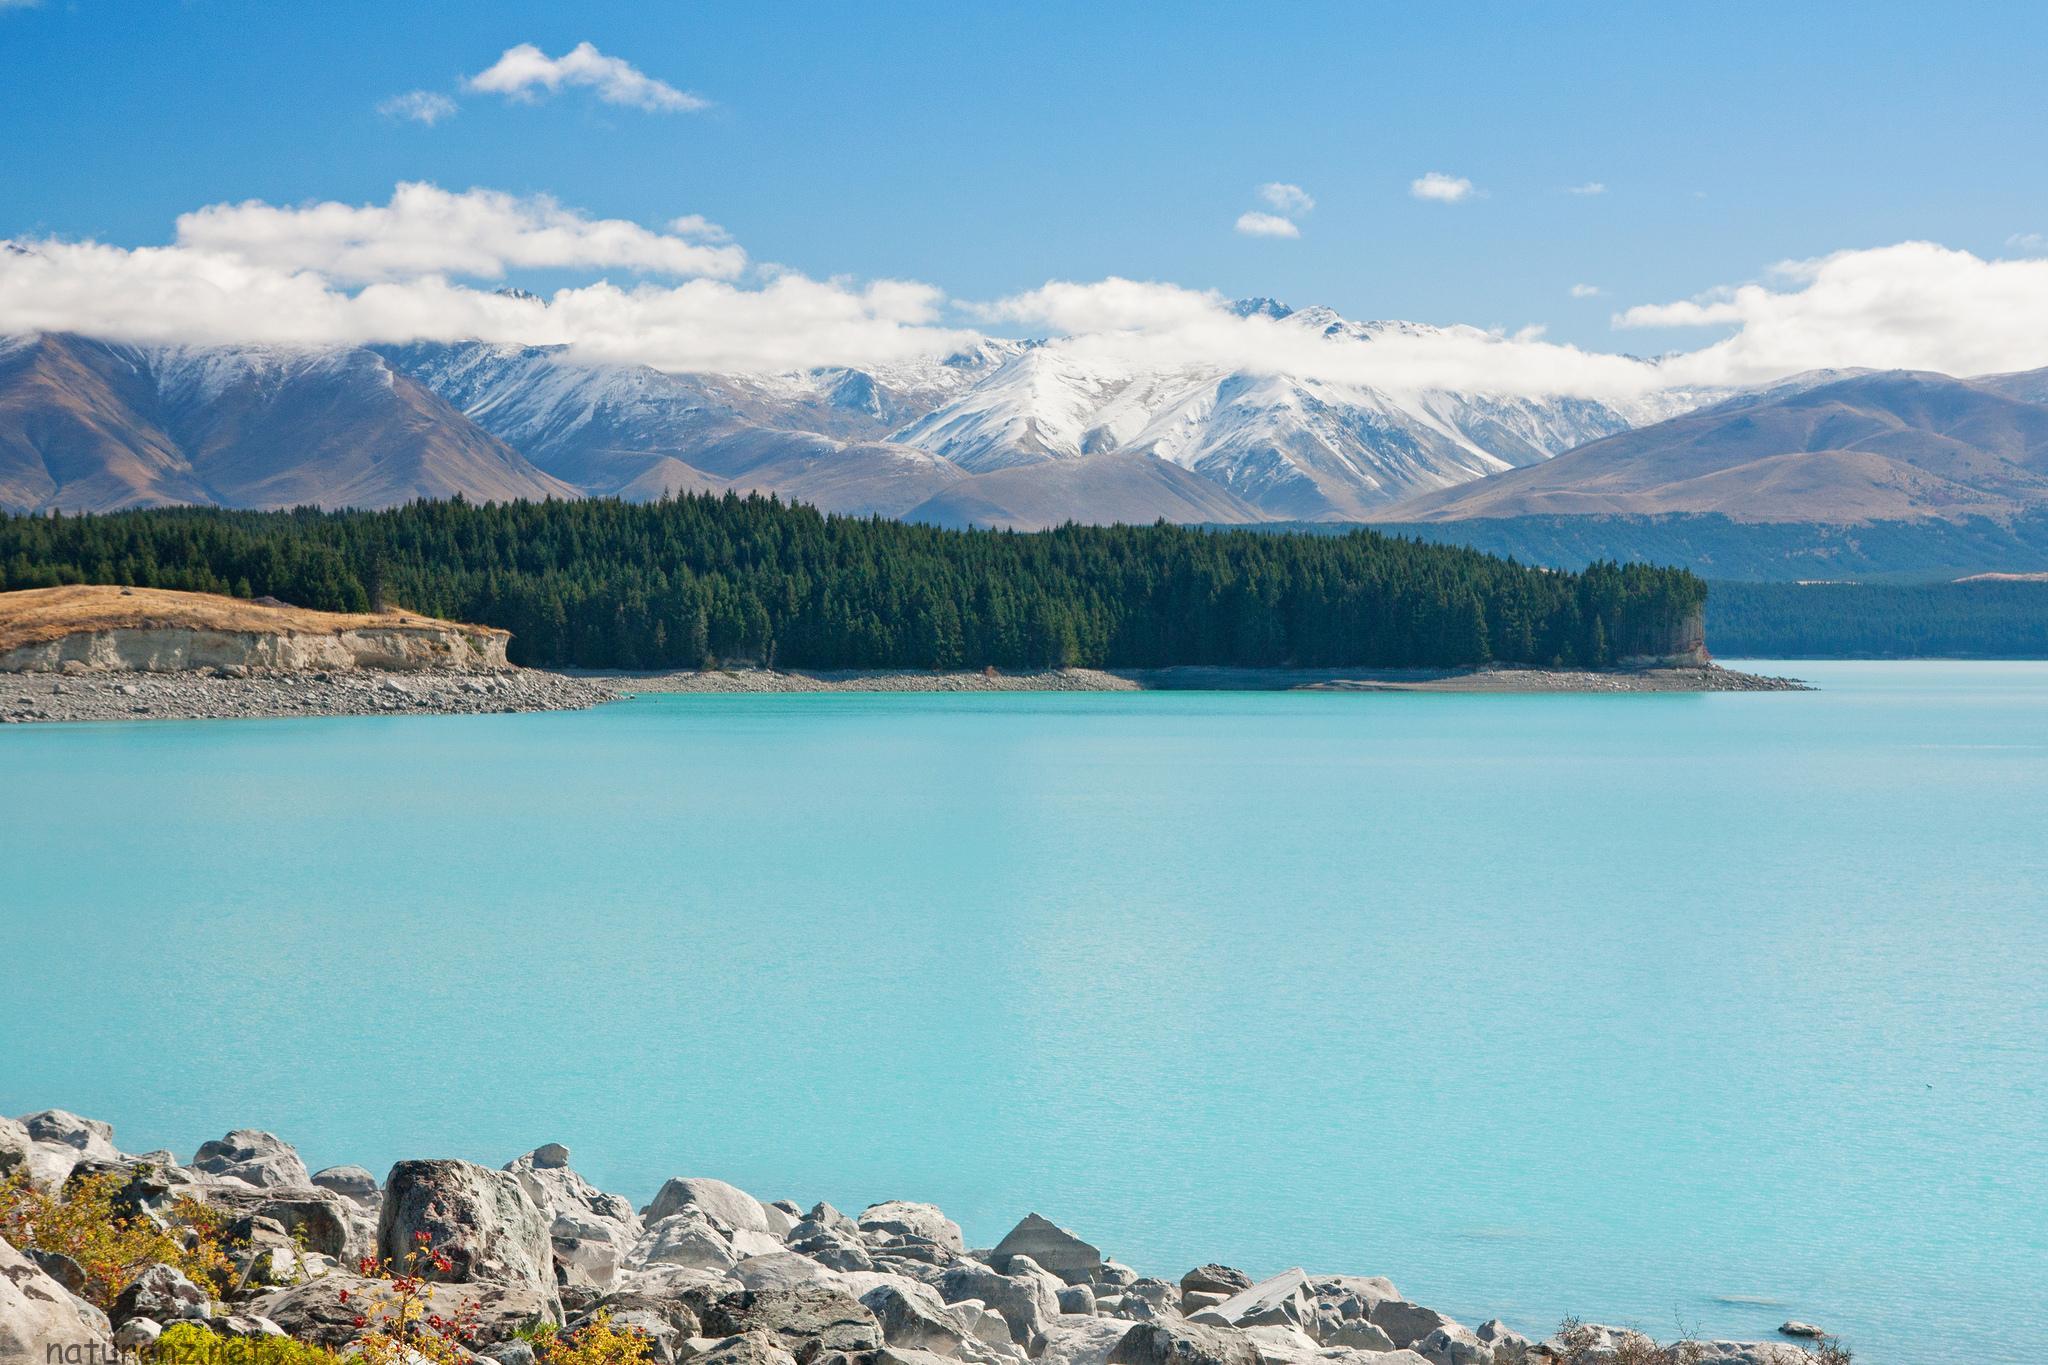 Lake Pukakiが世界3位にランクイン!海外メディアの「世界でもっとも透明な水9選」